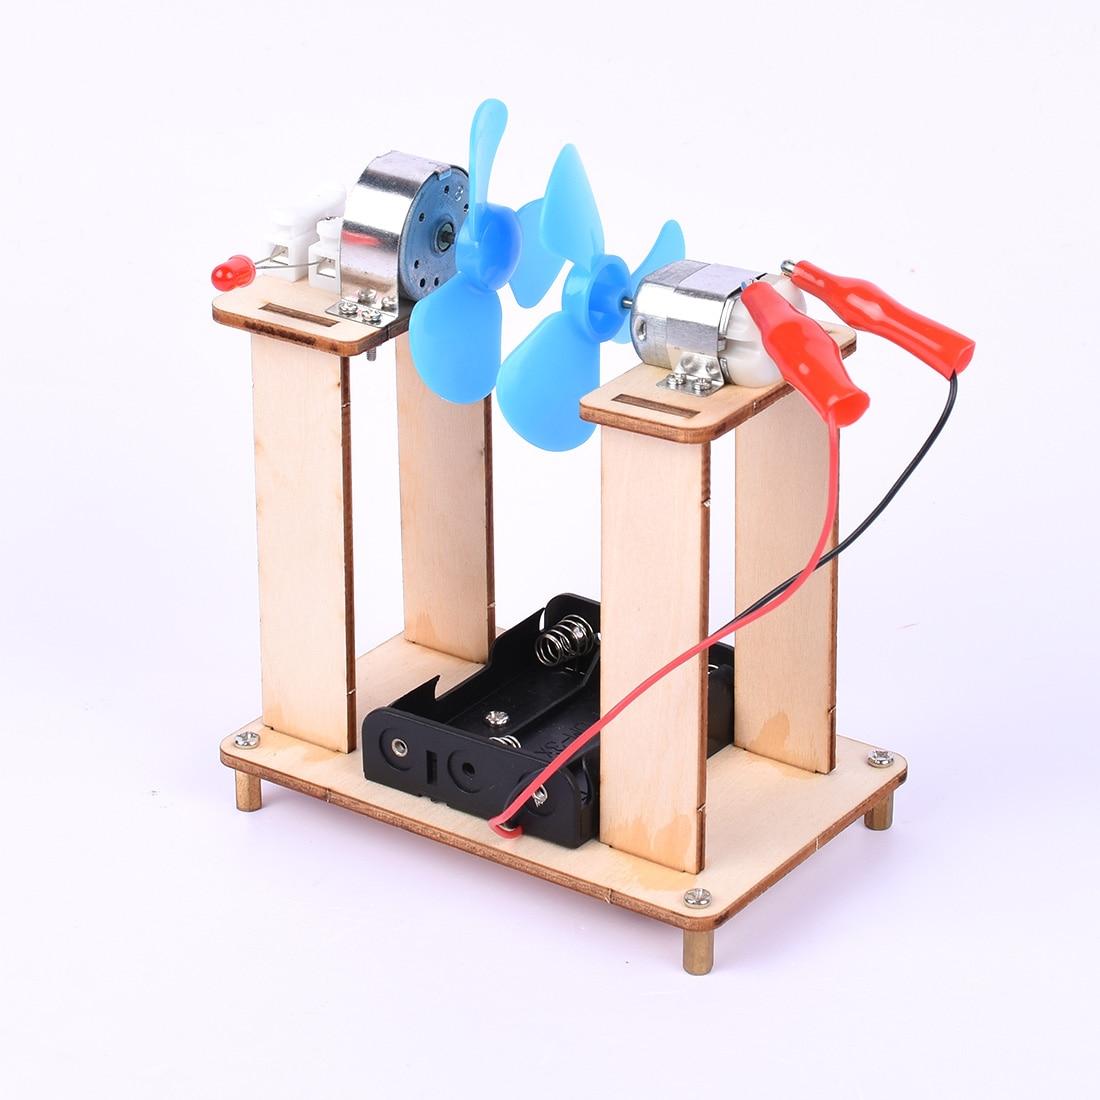 70 Juguetes De Ventilador Diy Viento 110 Educativos Ciencia 135mm Niños Fabricación Invención kZiuPX